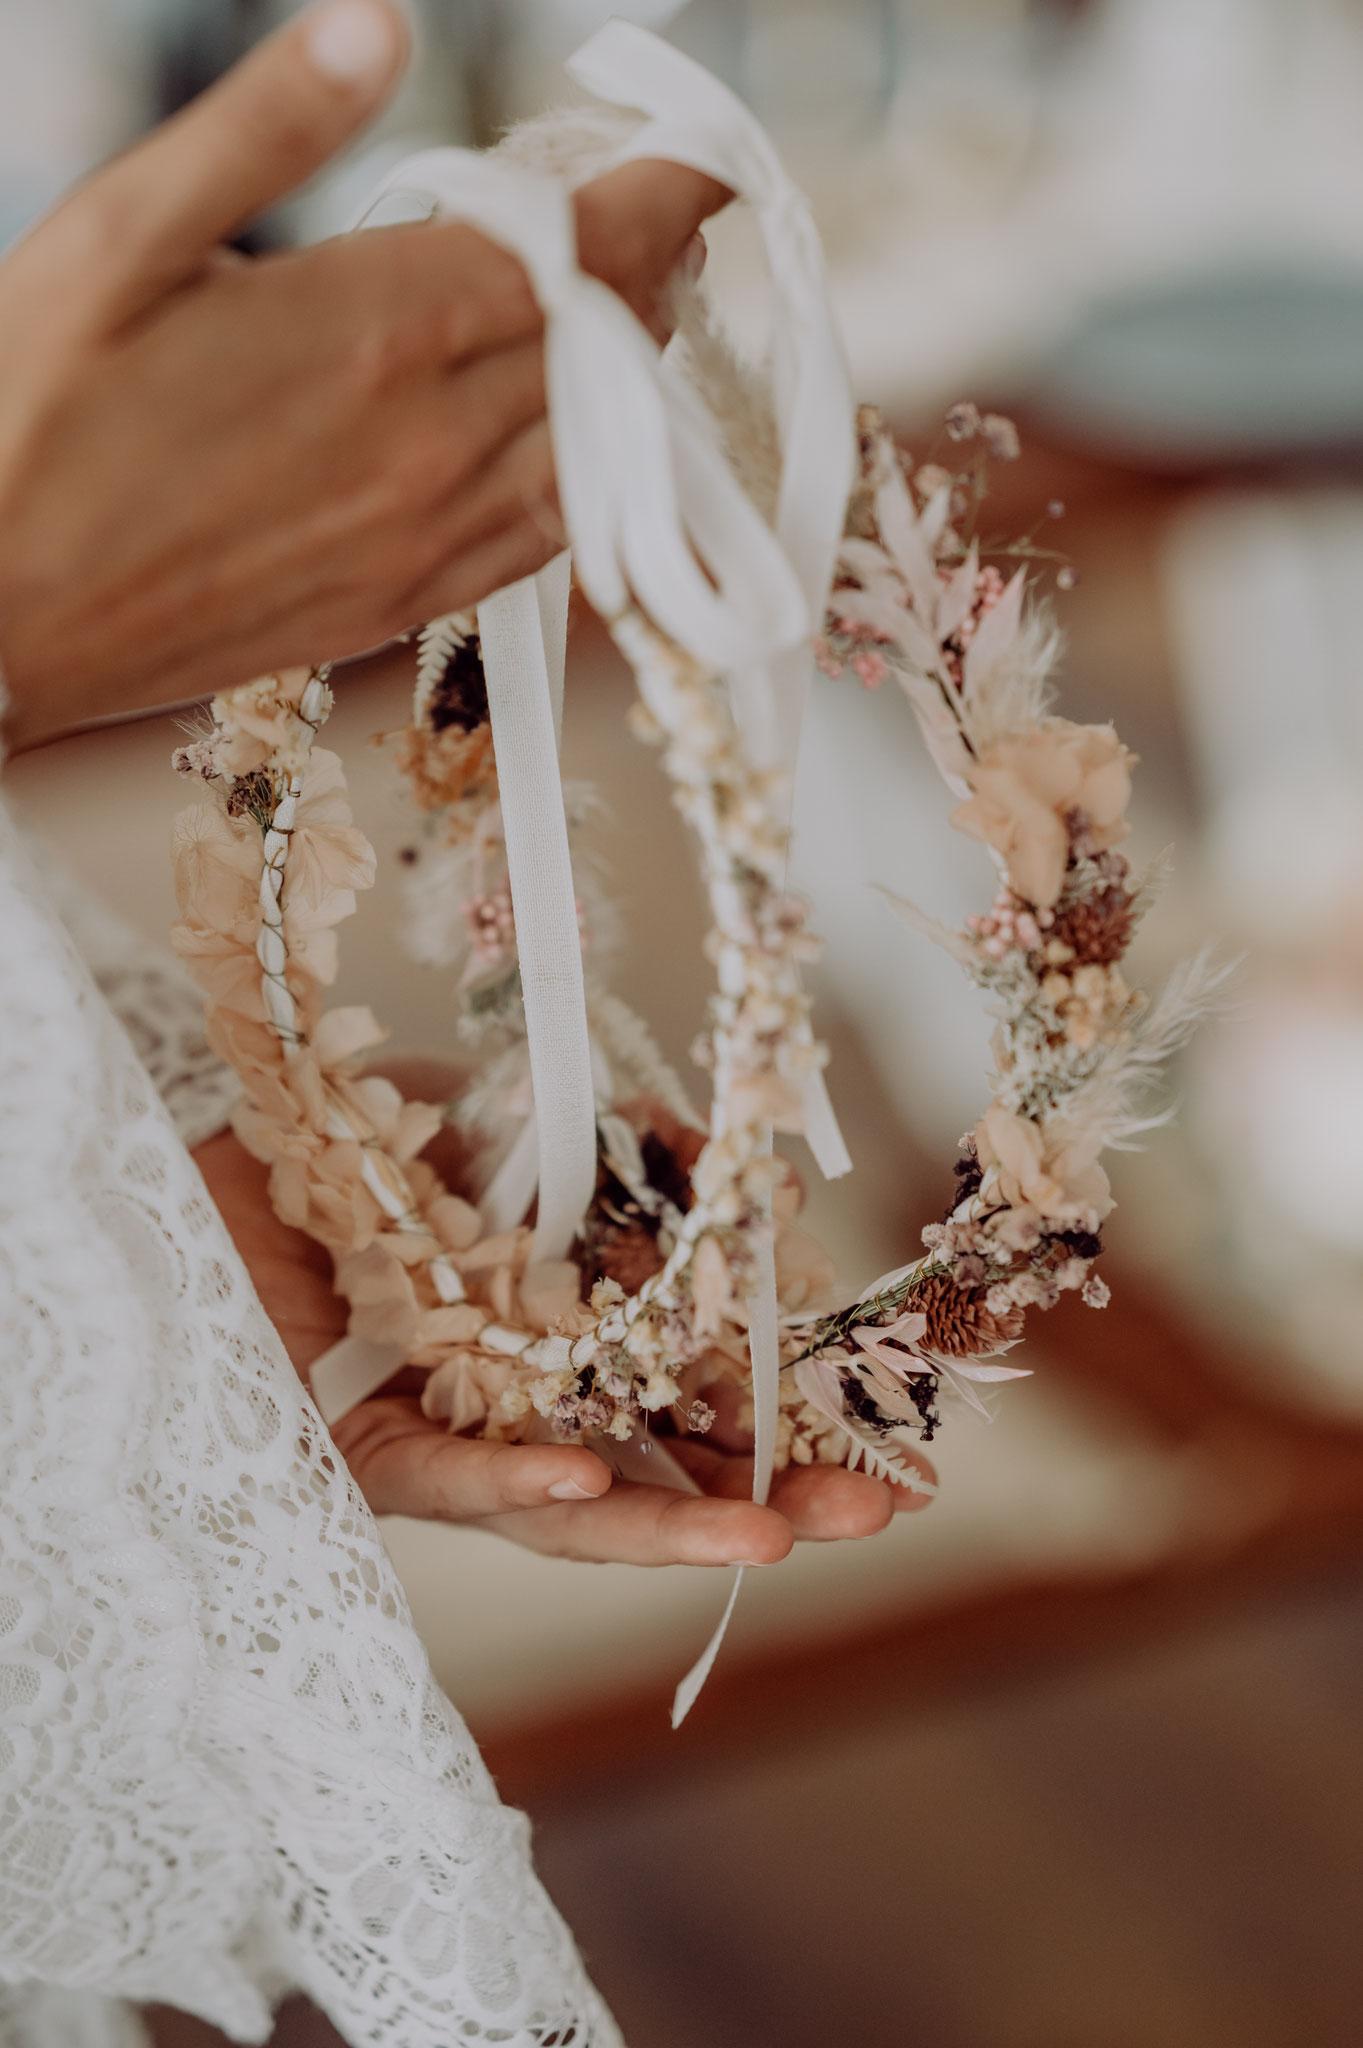 Viele Bräute wünschen sich hübsche Vintage-Haarkränze aus Trockenblumen für ihre freie Trauung (Foto: Landei Fotografie)